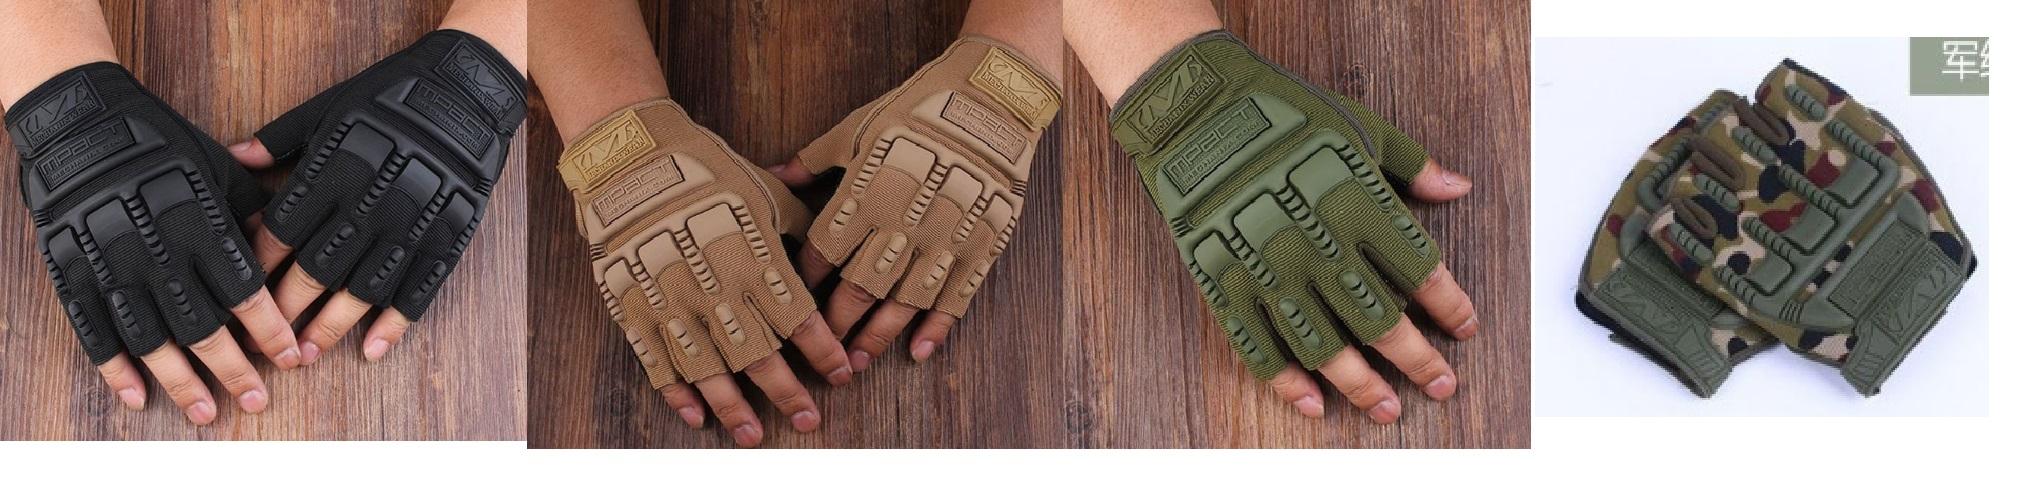 Găng tay mpact cụt ( mẫu 1)